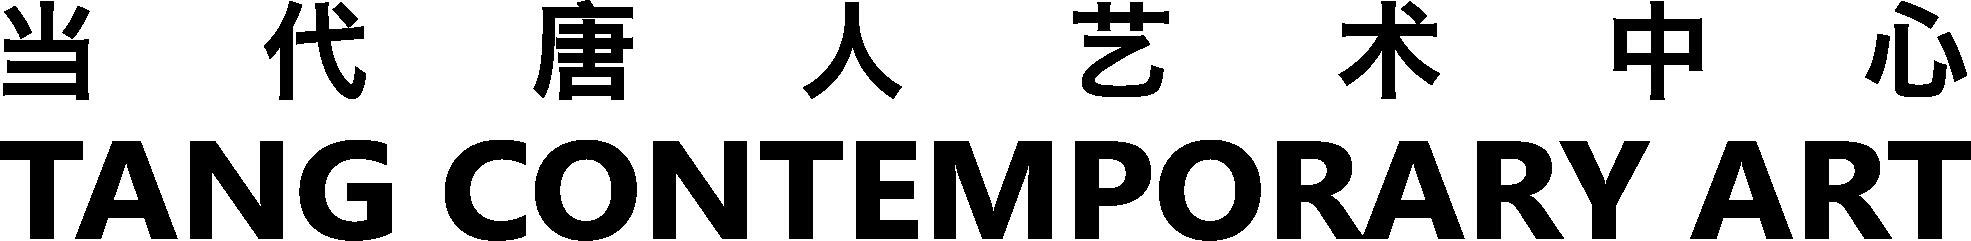 北京当代2020 当代唐人艺术中心推荐:陈文波《紫金》+伍伟《瞿如》 北京 陈文波 伍伟 当代唐人艺术中心 紫金 瞿如 Golden Flow 艺术展 CHAO 崇真艺客